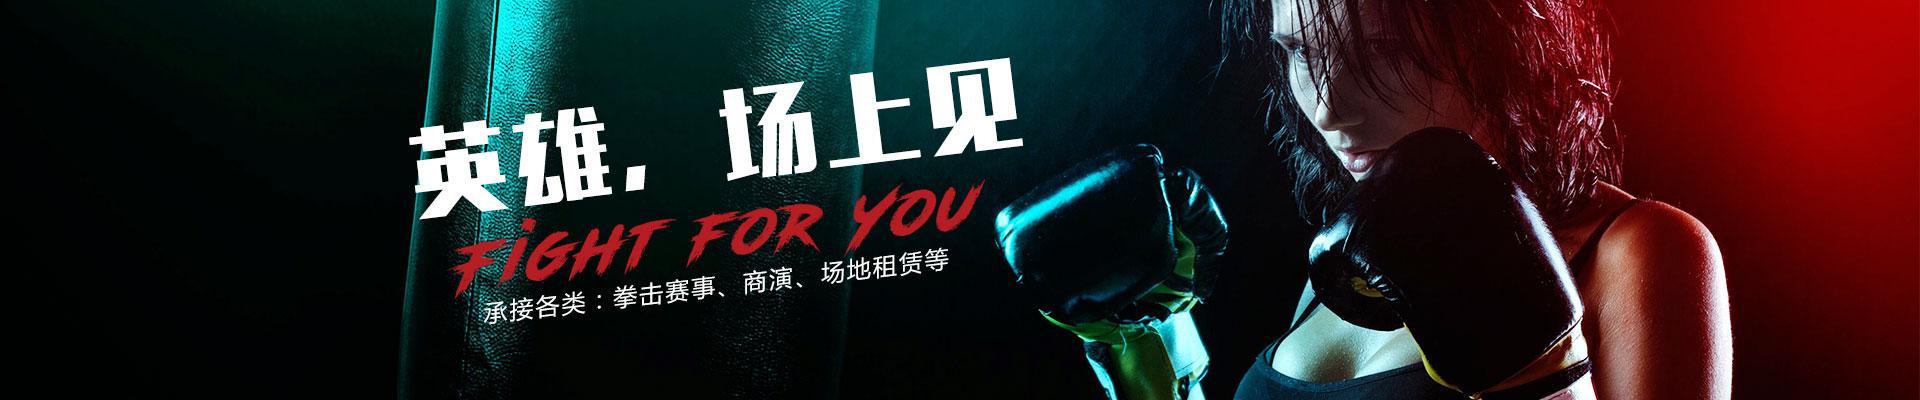 重庆职业拳击俱乐部